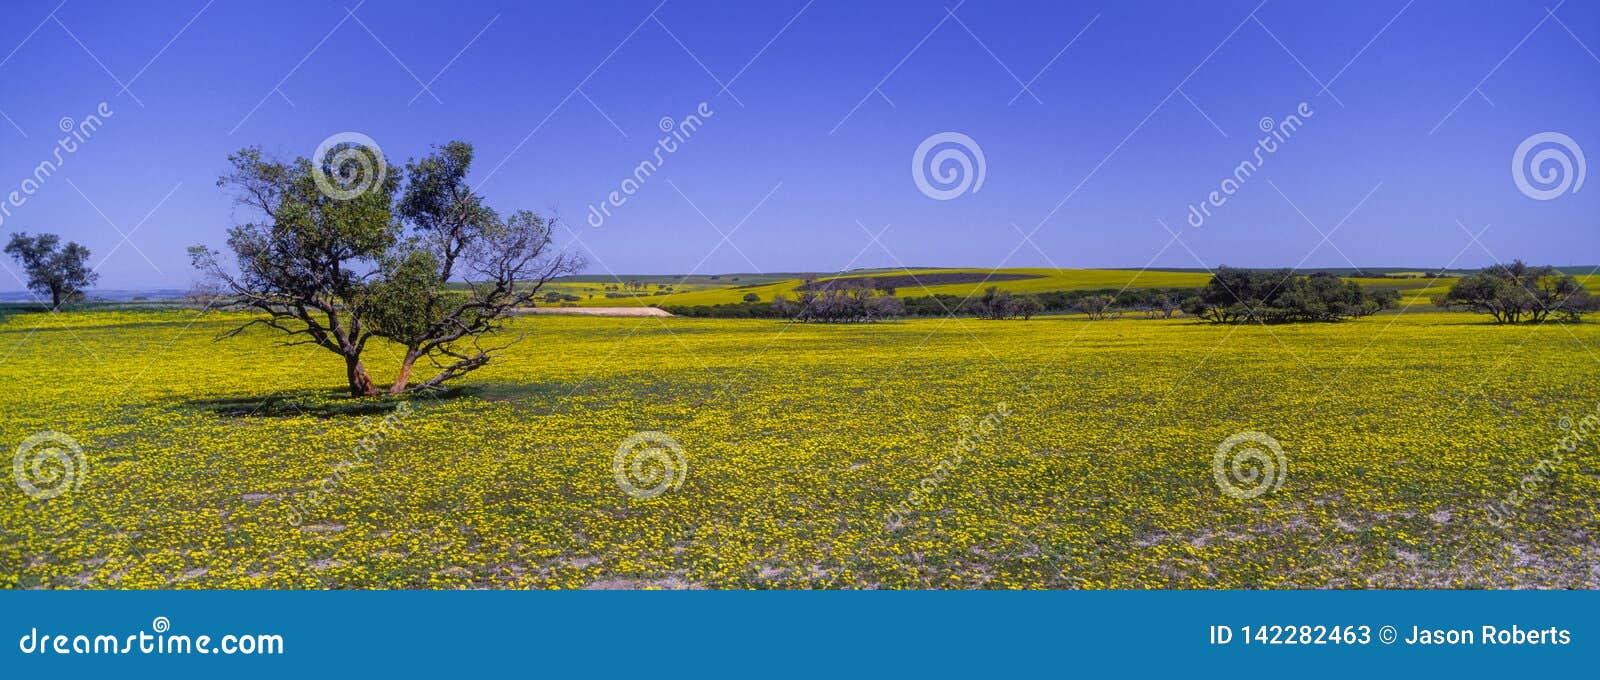 Tapijt van gele wildflowers in Westelijk Australië